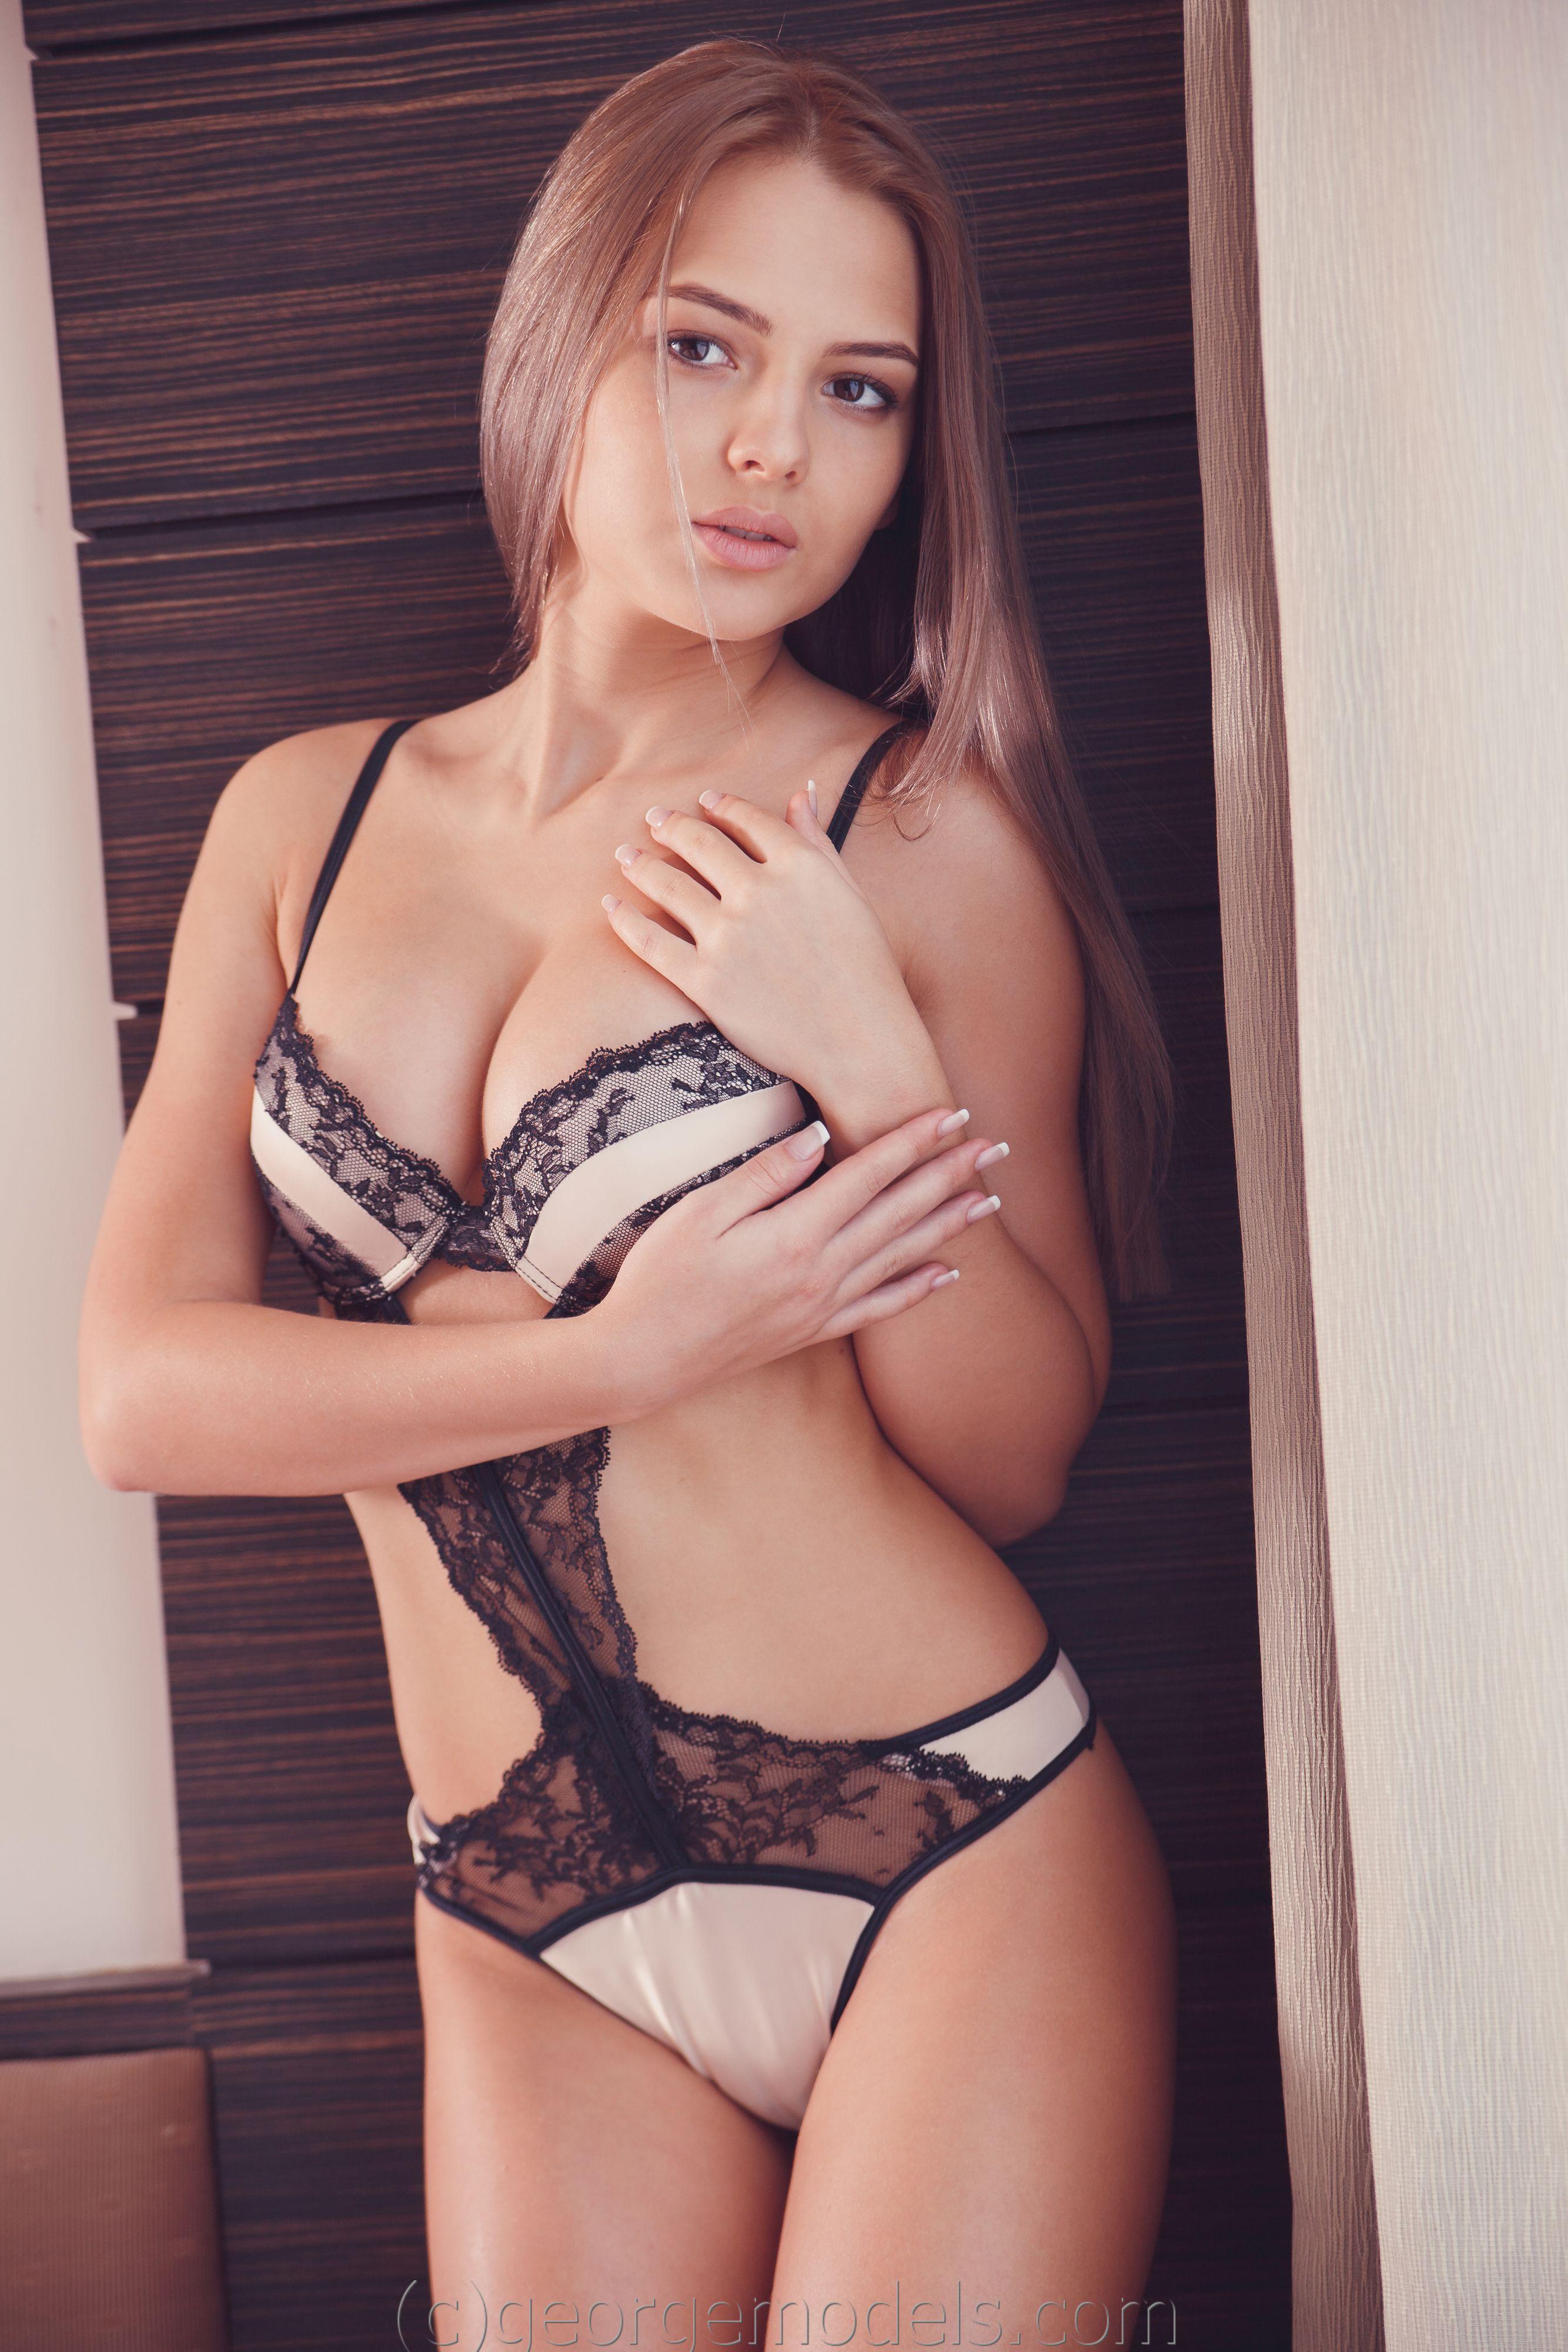 Erotikvonnebenan - Model page